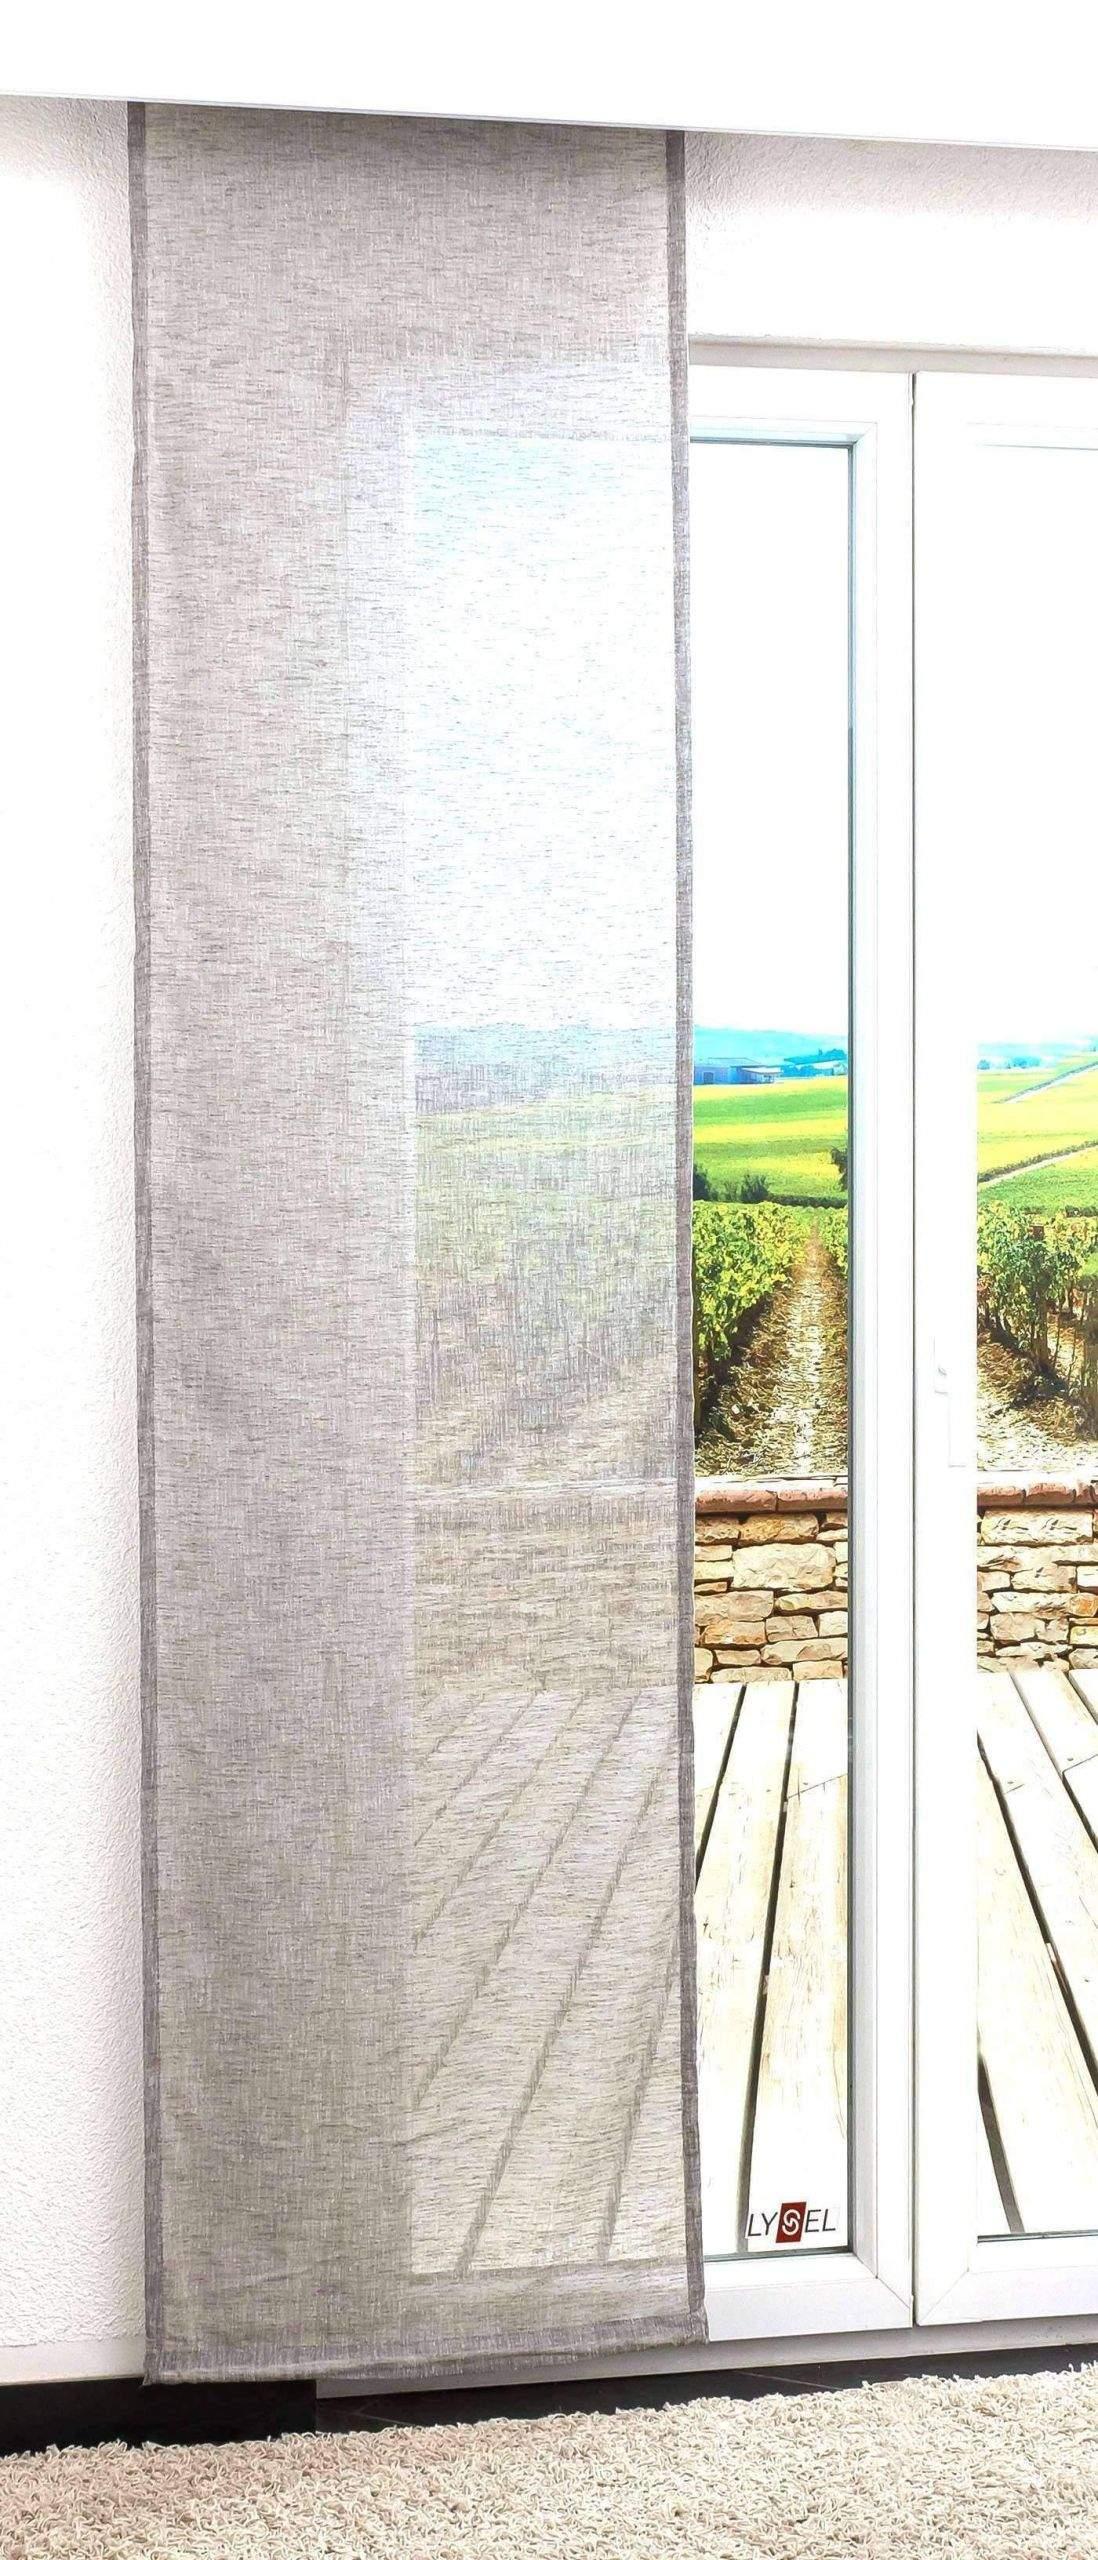 vorhange wohnzimmer inspirierend frisch wohnzimmerschrank aufhangen konzept of vorhange wohnzimmer scaled